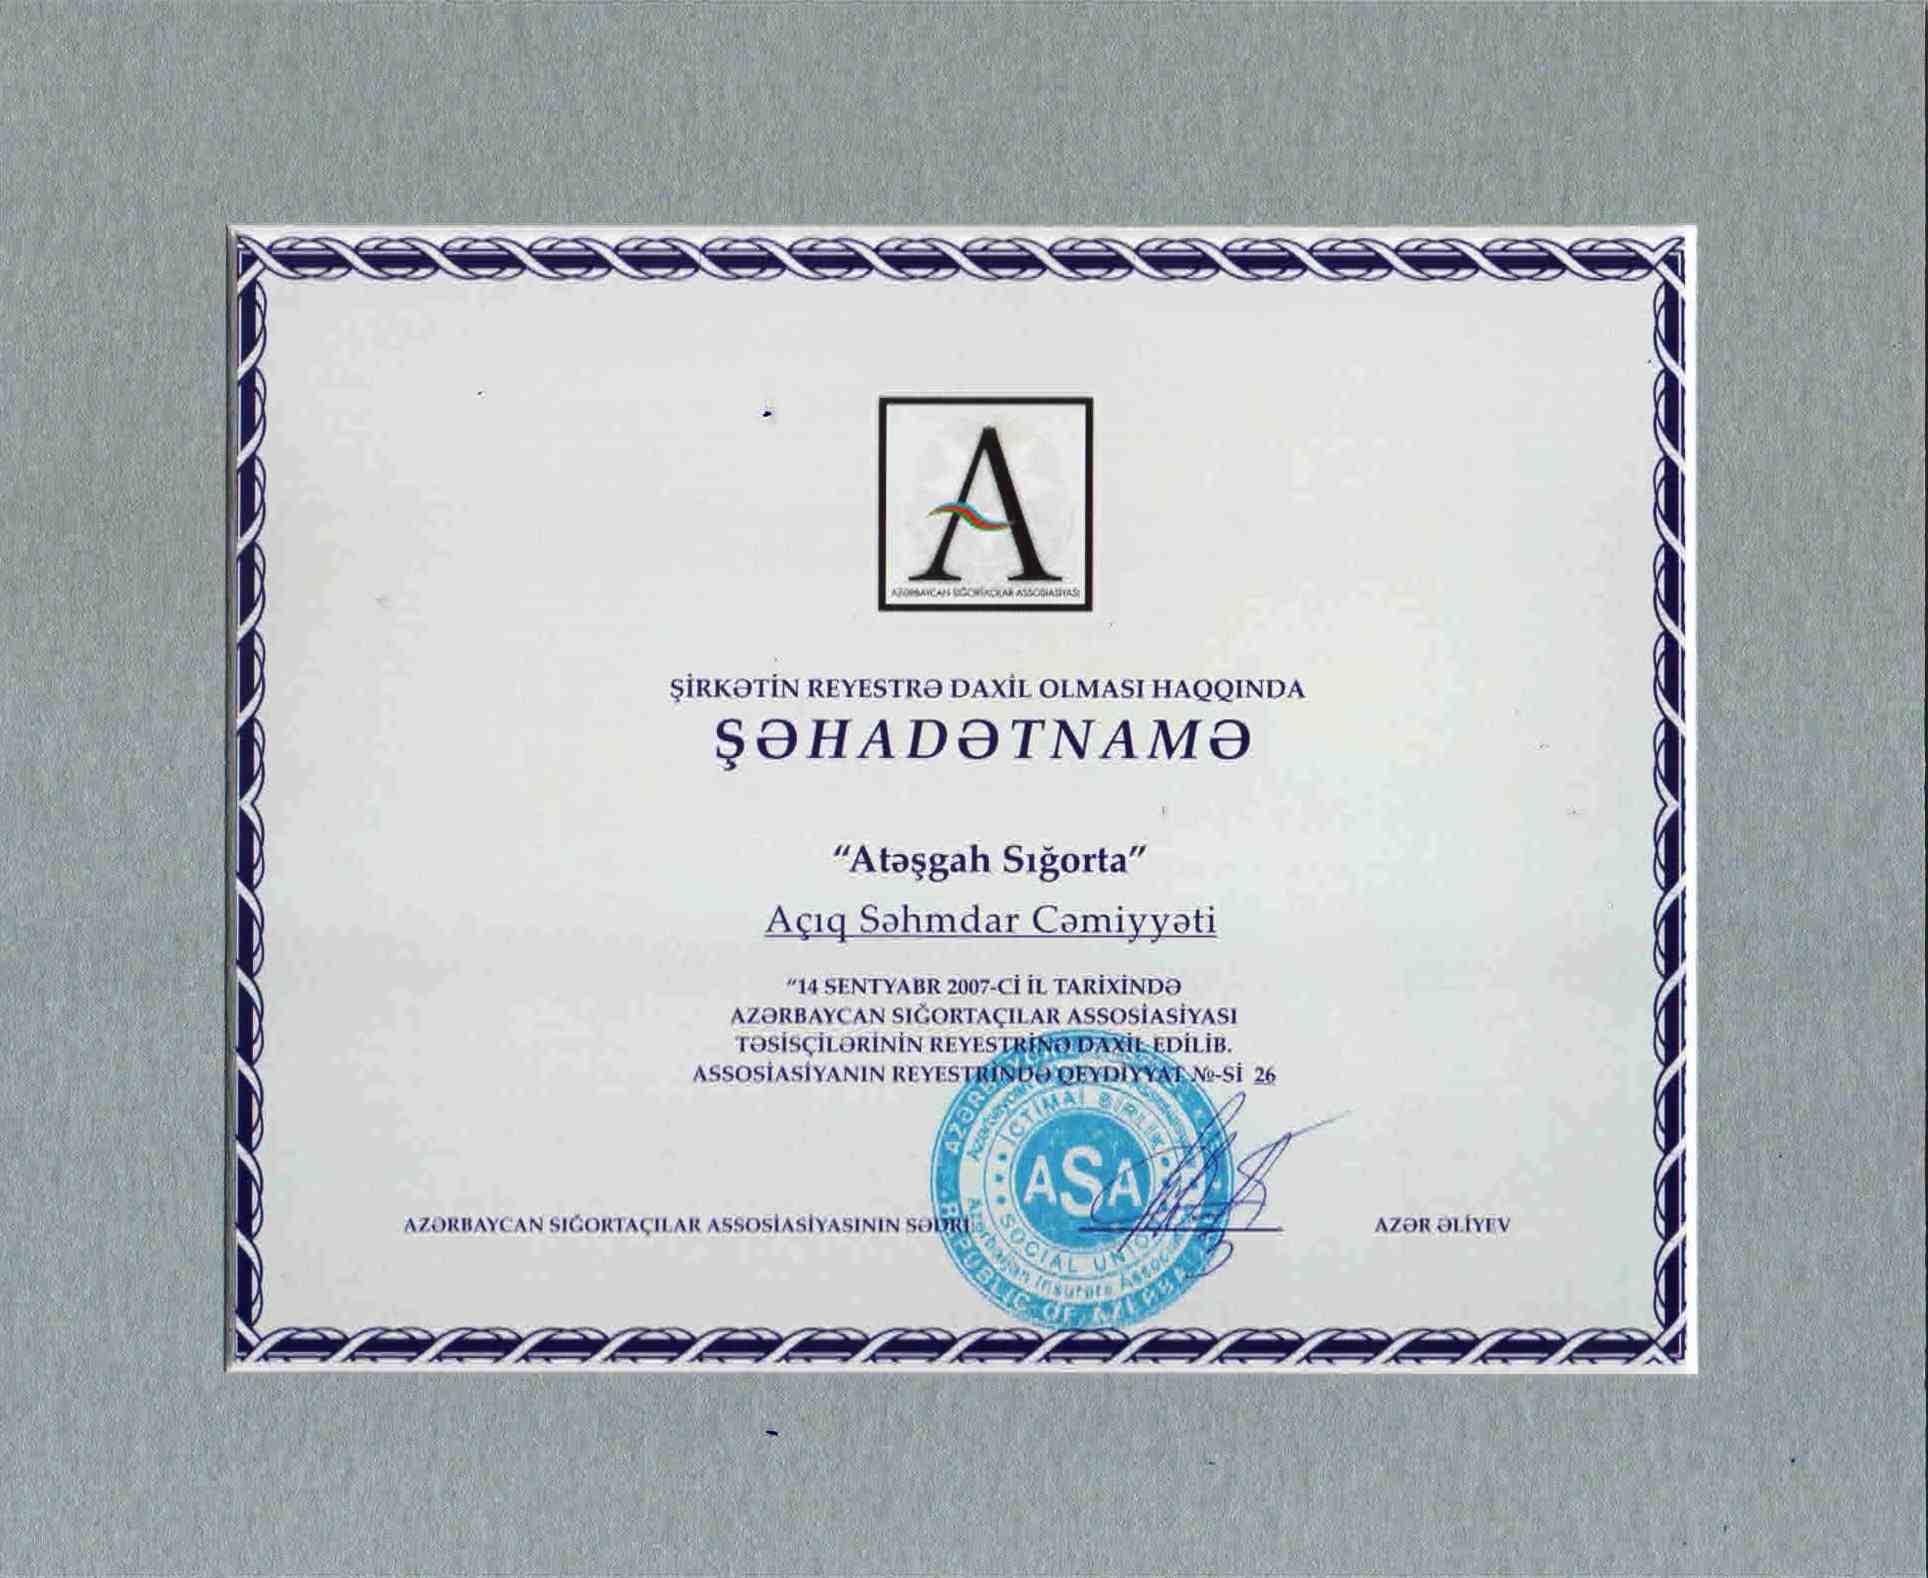 Azərbaycan Sığortaçılar Assosiasiyası təşkilatının reyestrinə daxil edilib